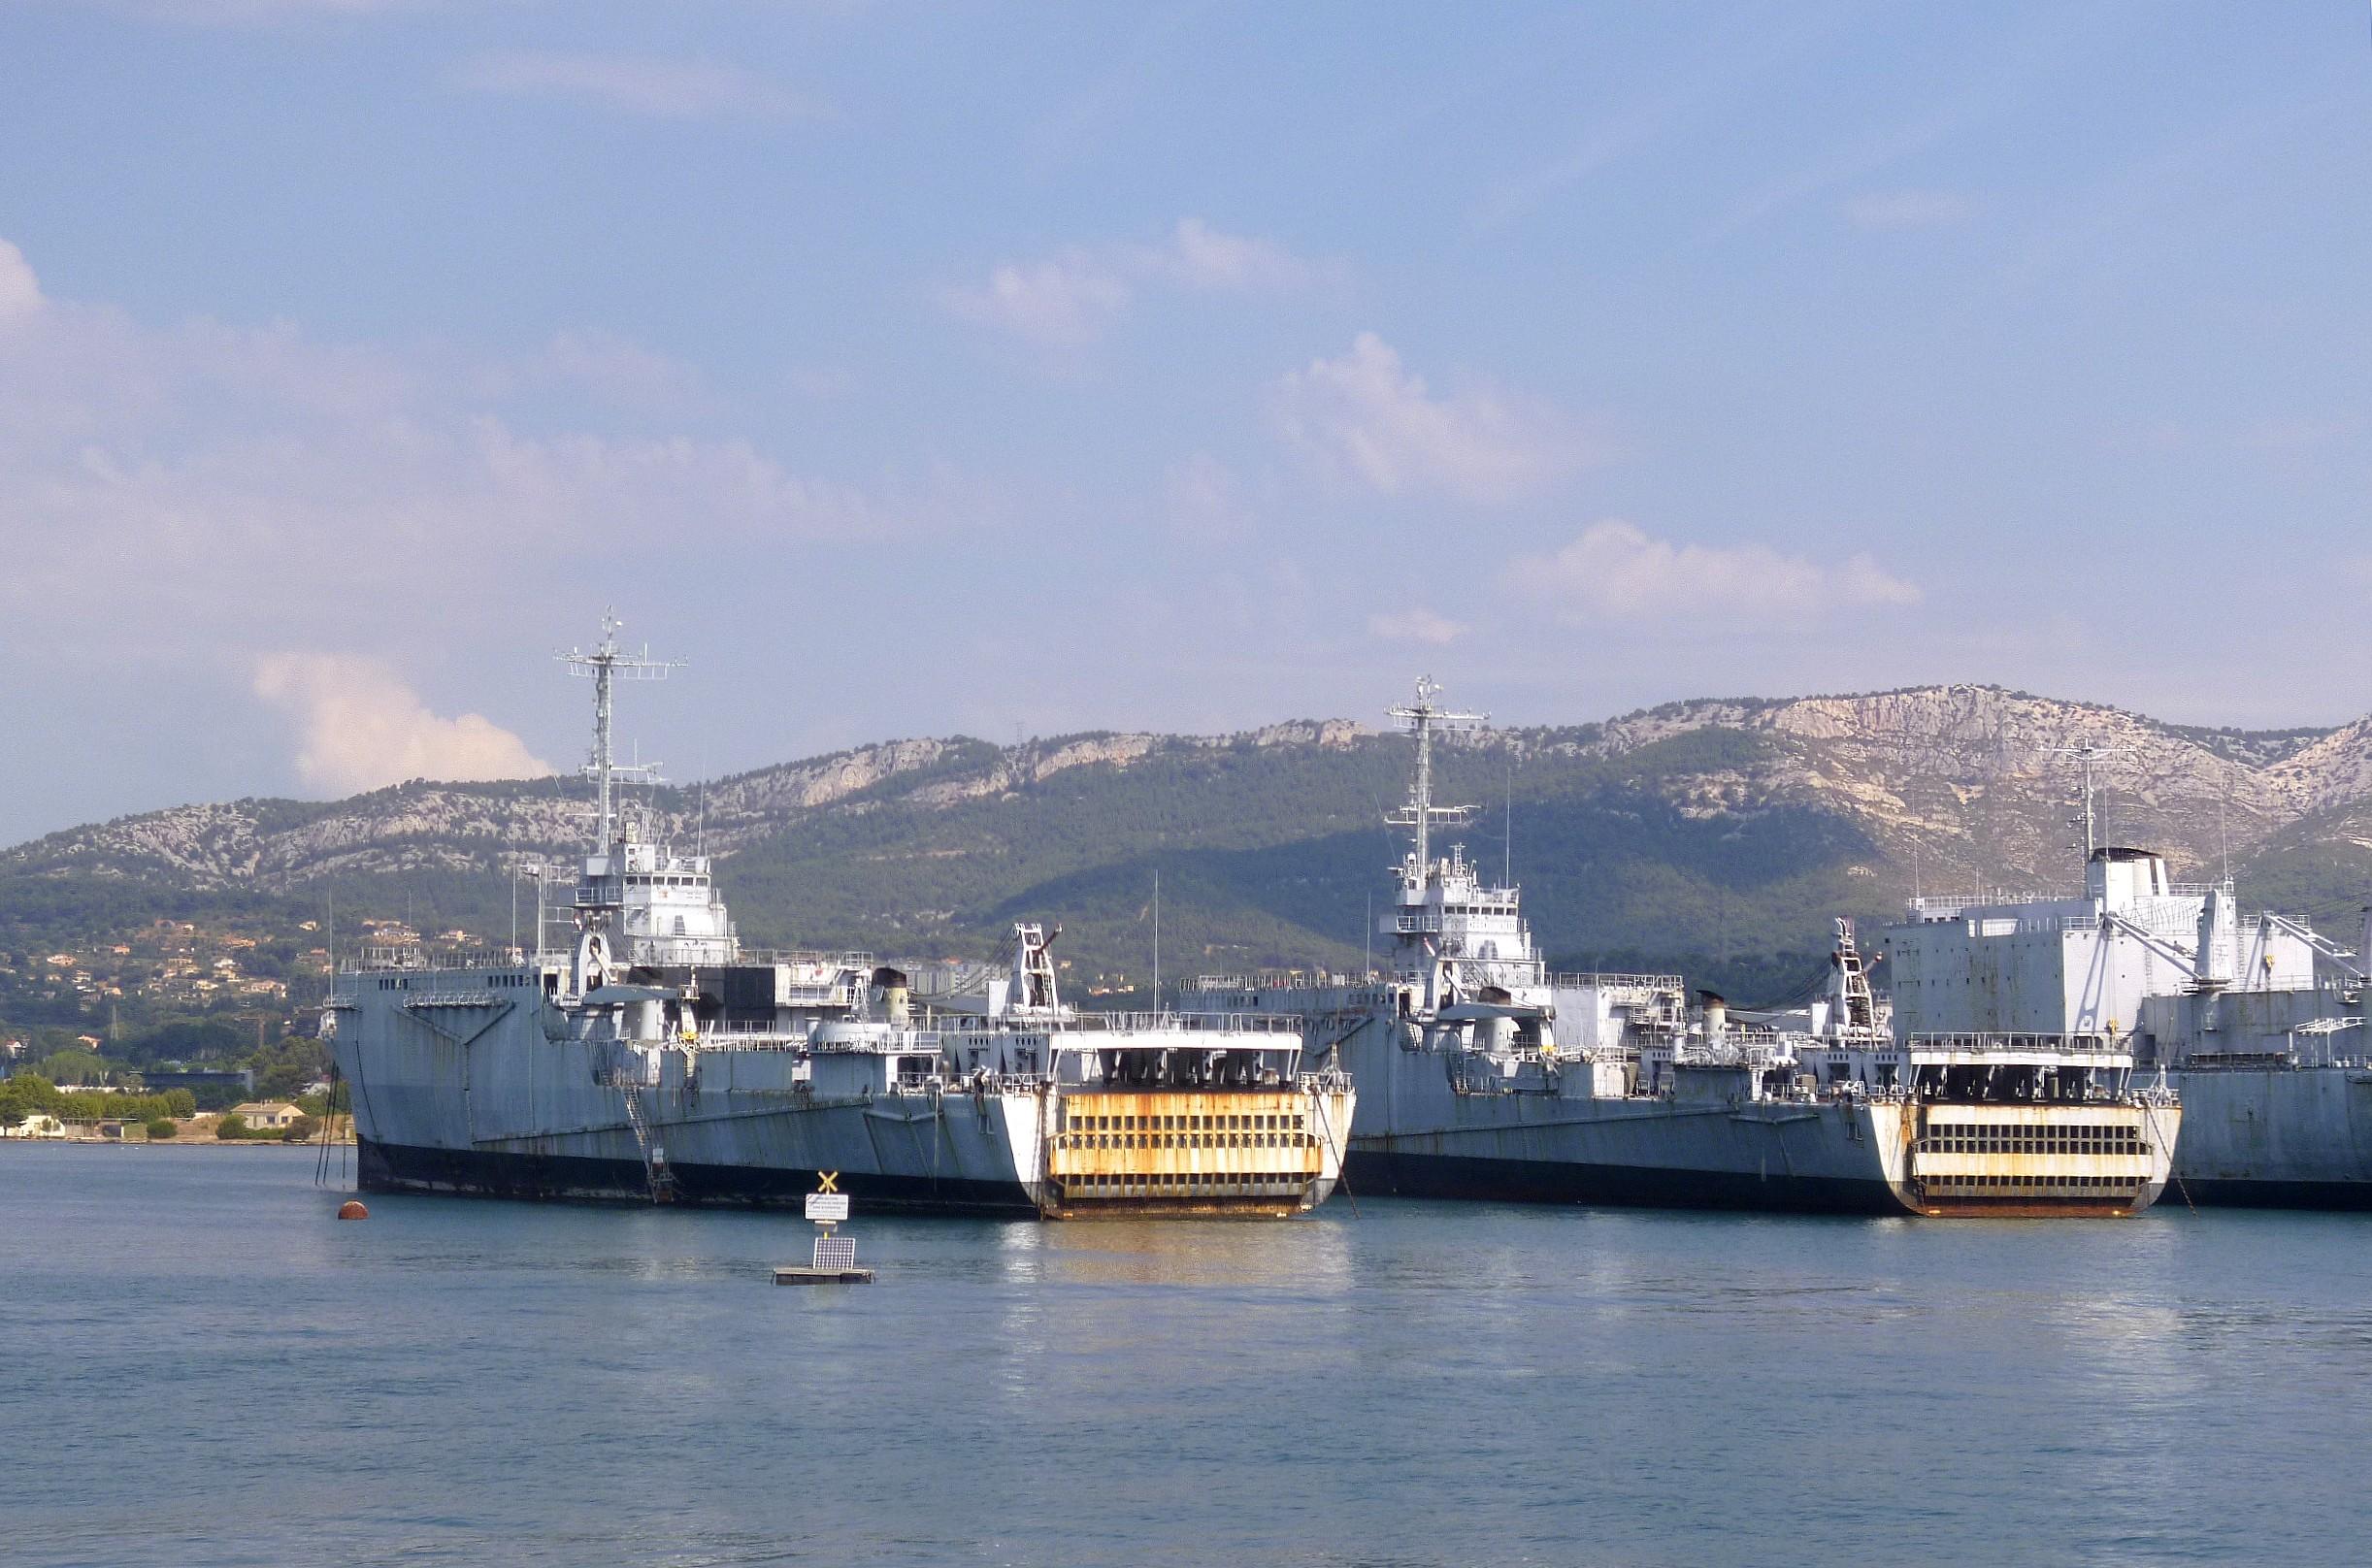 Les news en images du port de TOULON - Page 37 9565065146_ce400b9826_o